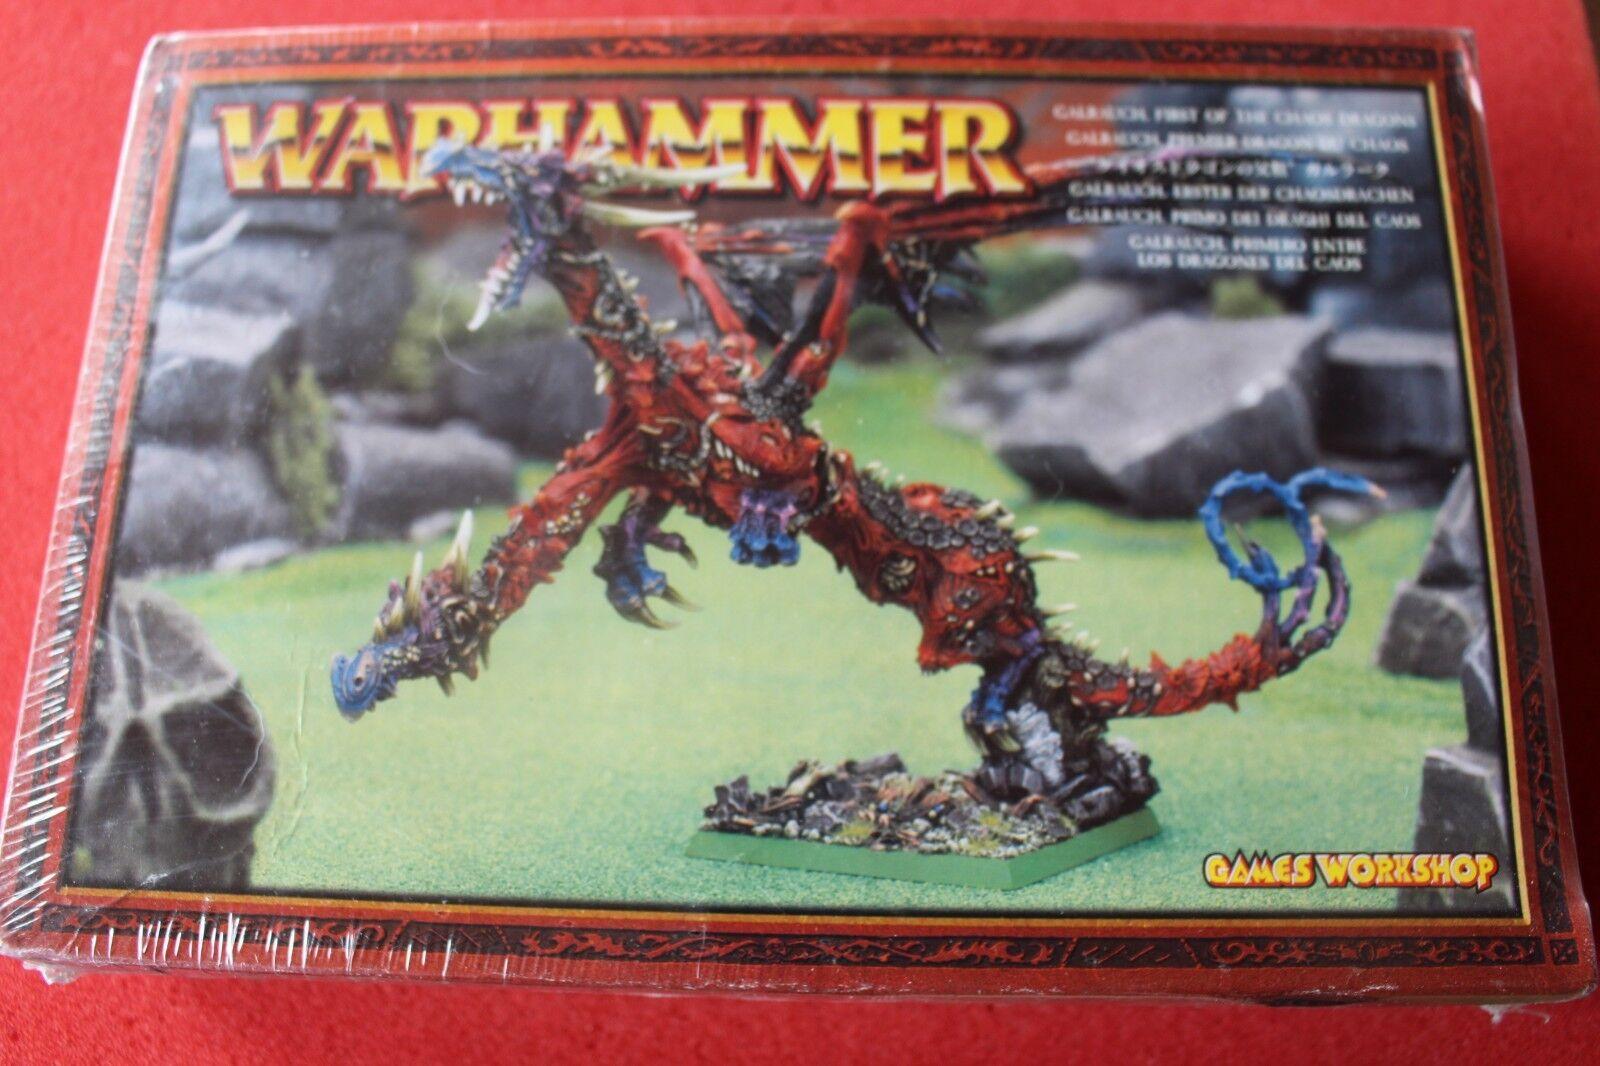 Games Workshop Warhammer Chaos Dragon Galrauch New BNIB GW Metal OOP Sealed GW